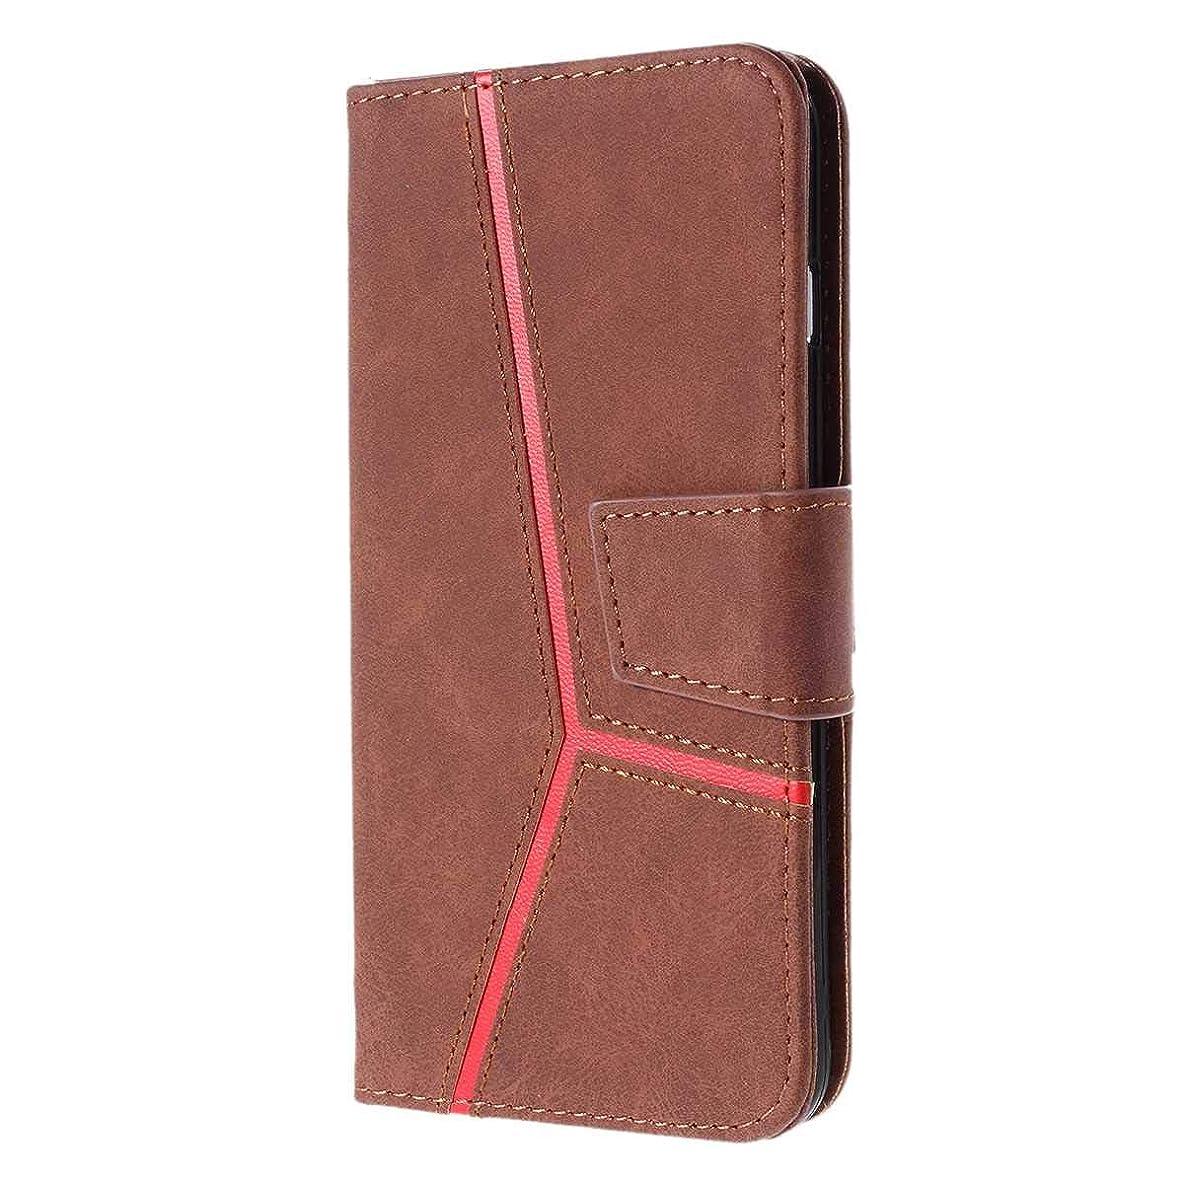 上回るピークメタルラインCUSKING Huawei Mate 20 対応 ケース, 高級 手帳型 PUレザー ケース, Huawei Mate 20 衝撃吸収 保護ケース 財布型 ケース スタンド機能 カード ポケット 付き, ブラウン